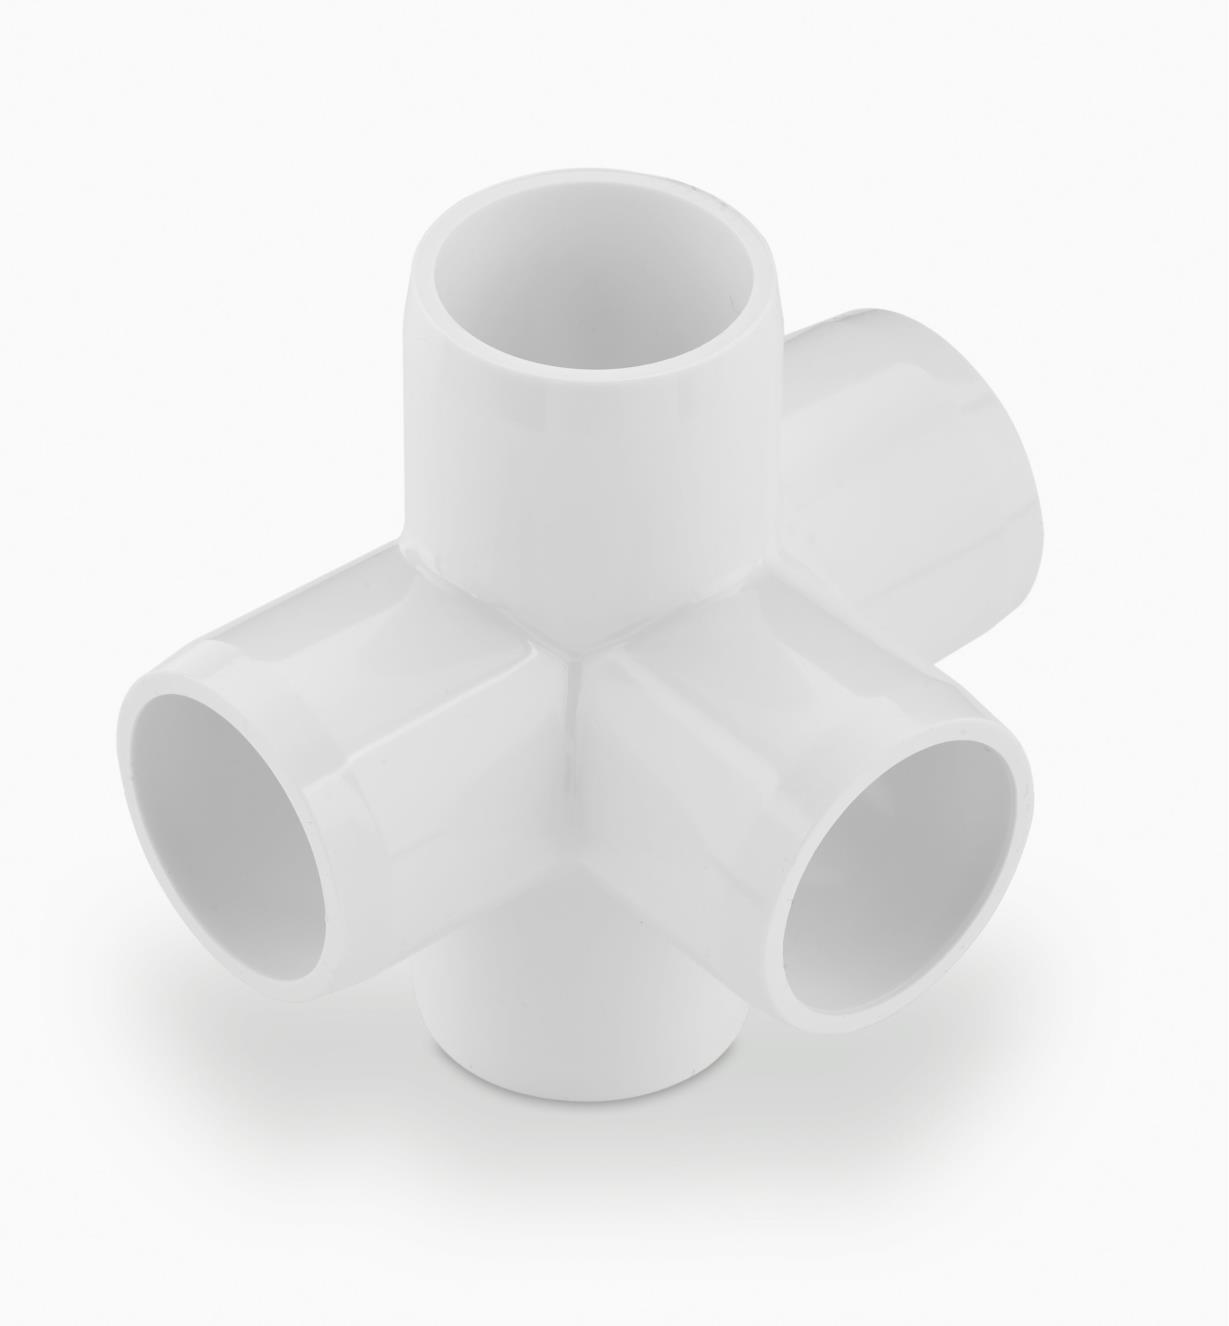 EA271 - Raccord coin en PVC à 5 embouts, 3/4 po, l'unité